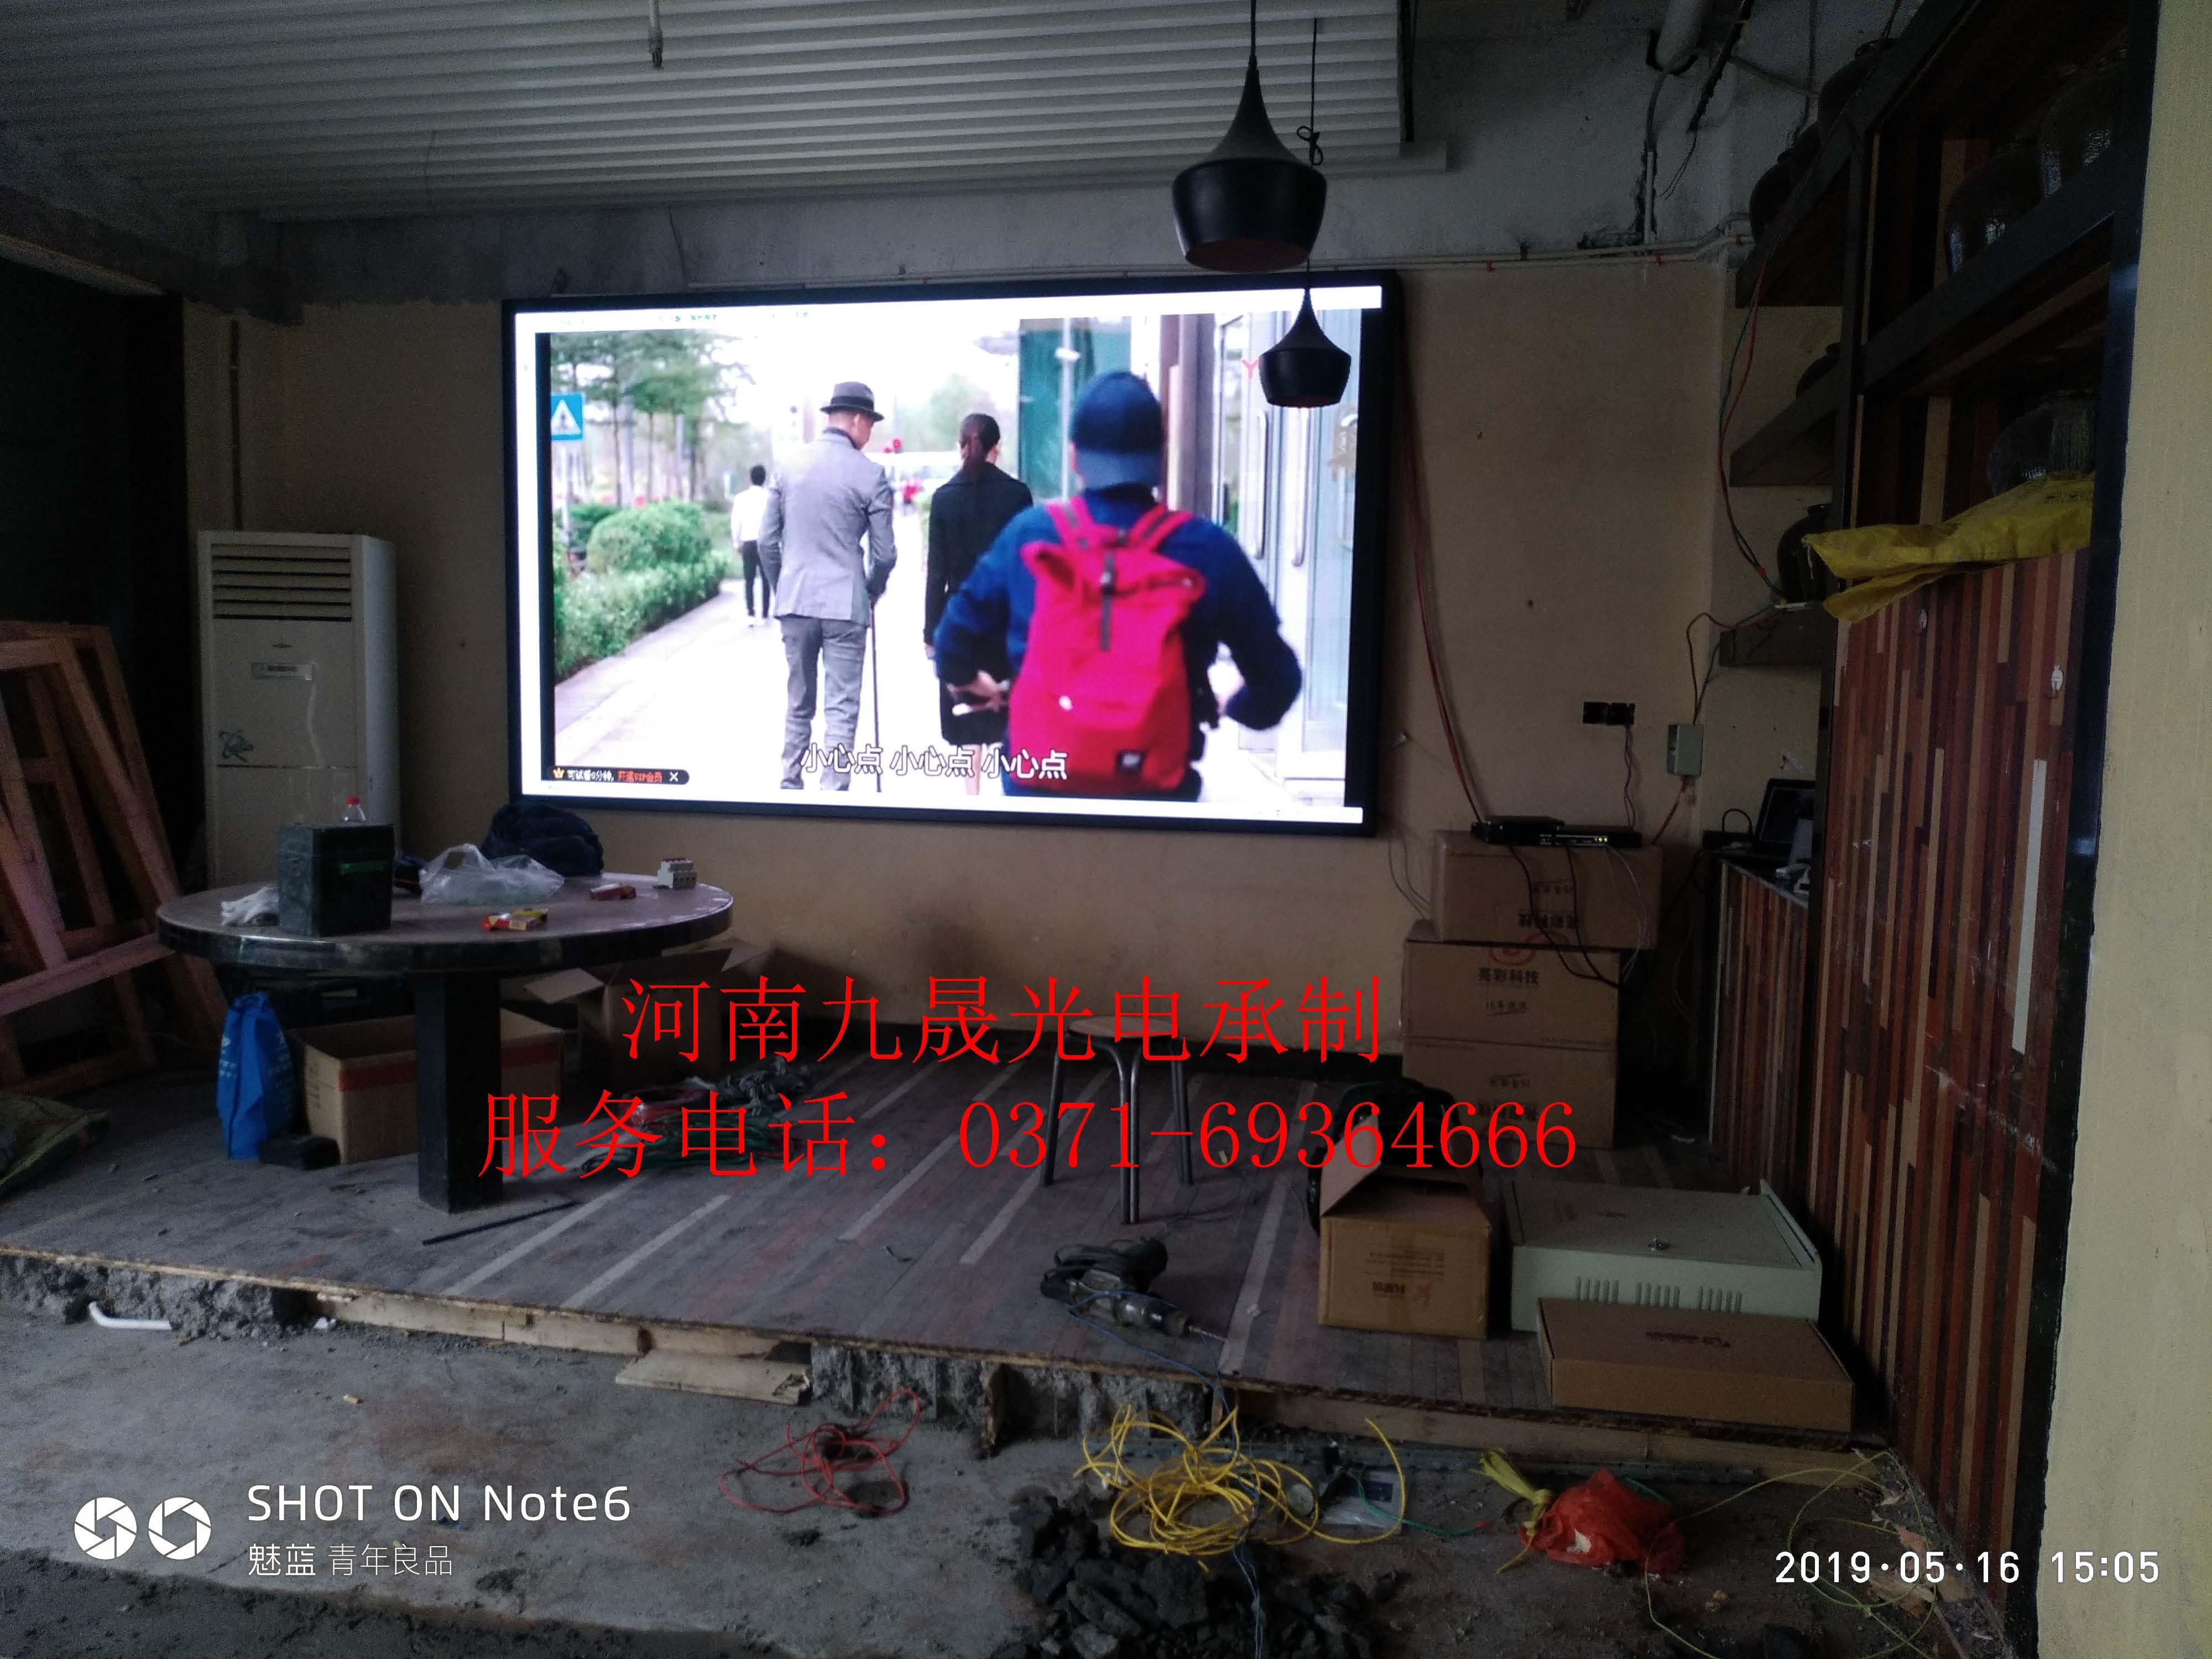 芙蓉小镇饭店室内P3屏02